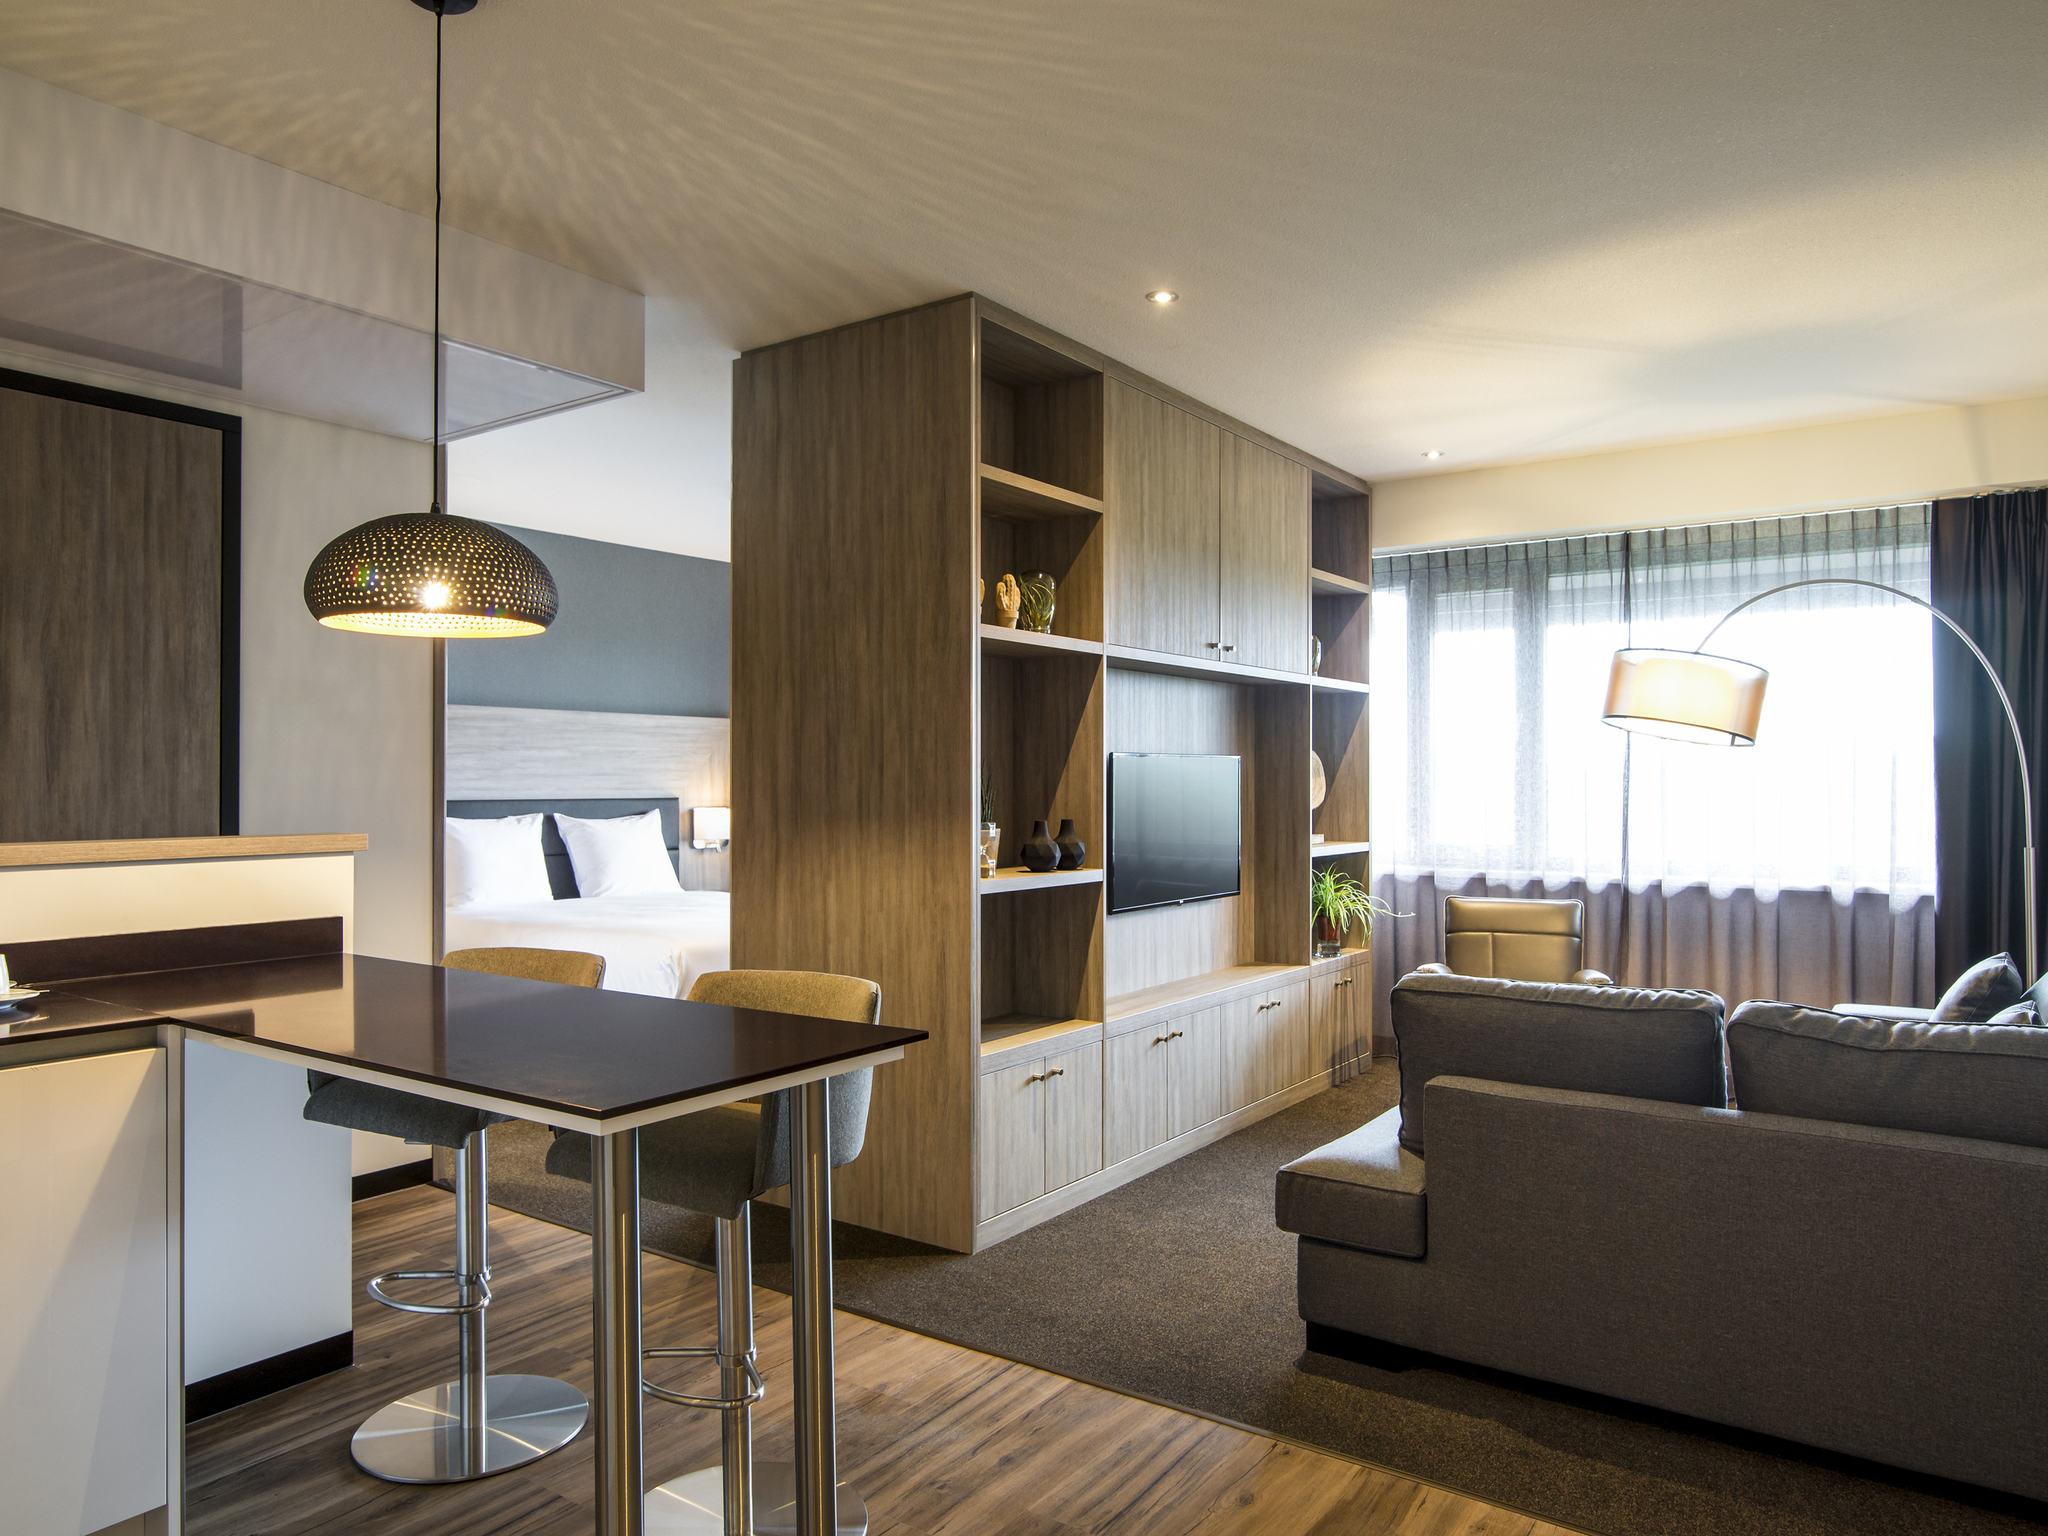 Отель — Апарт-отель Adagio Амстердам Сити Юг